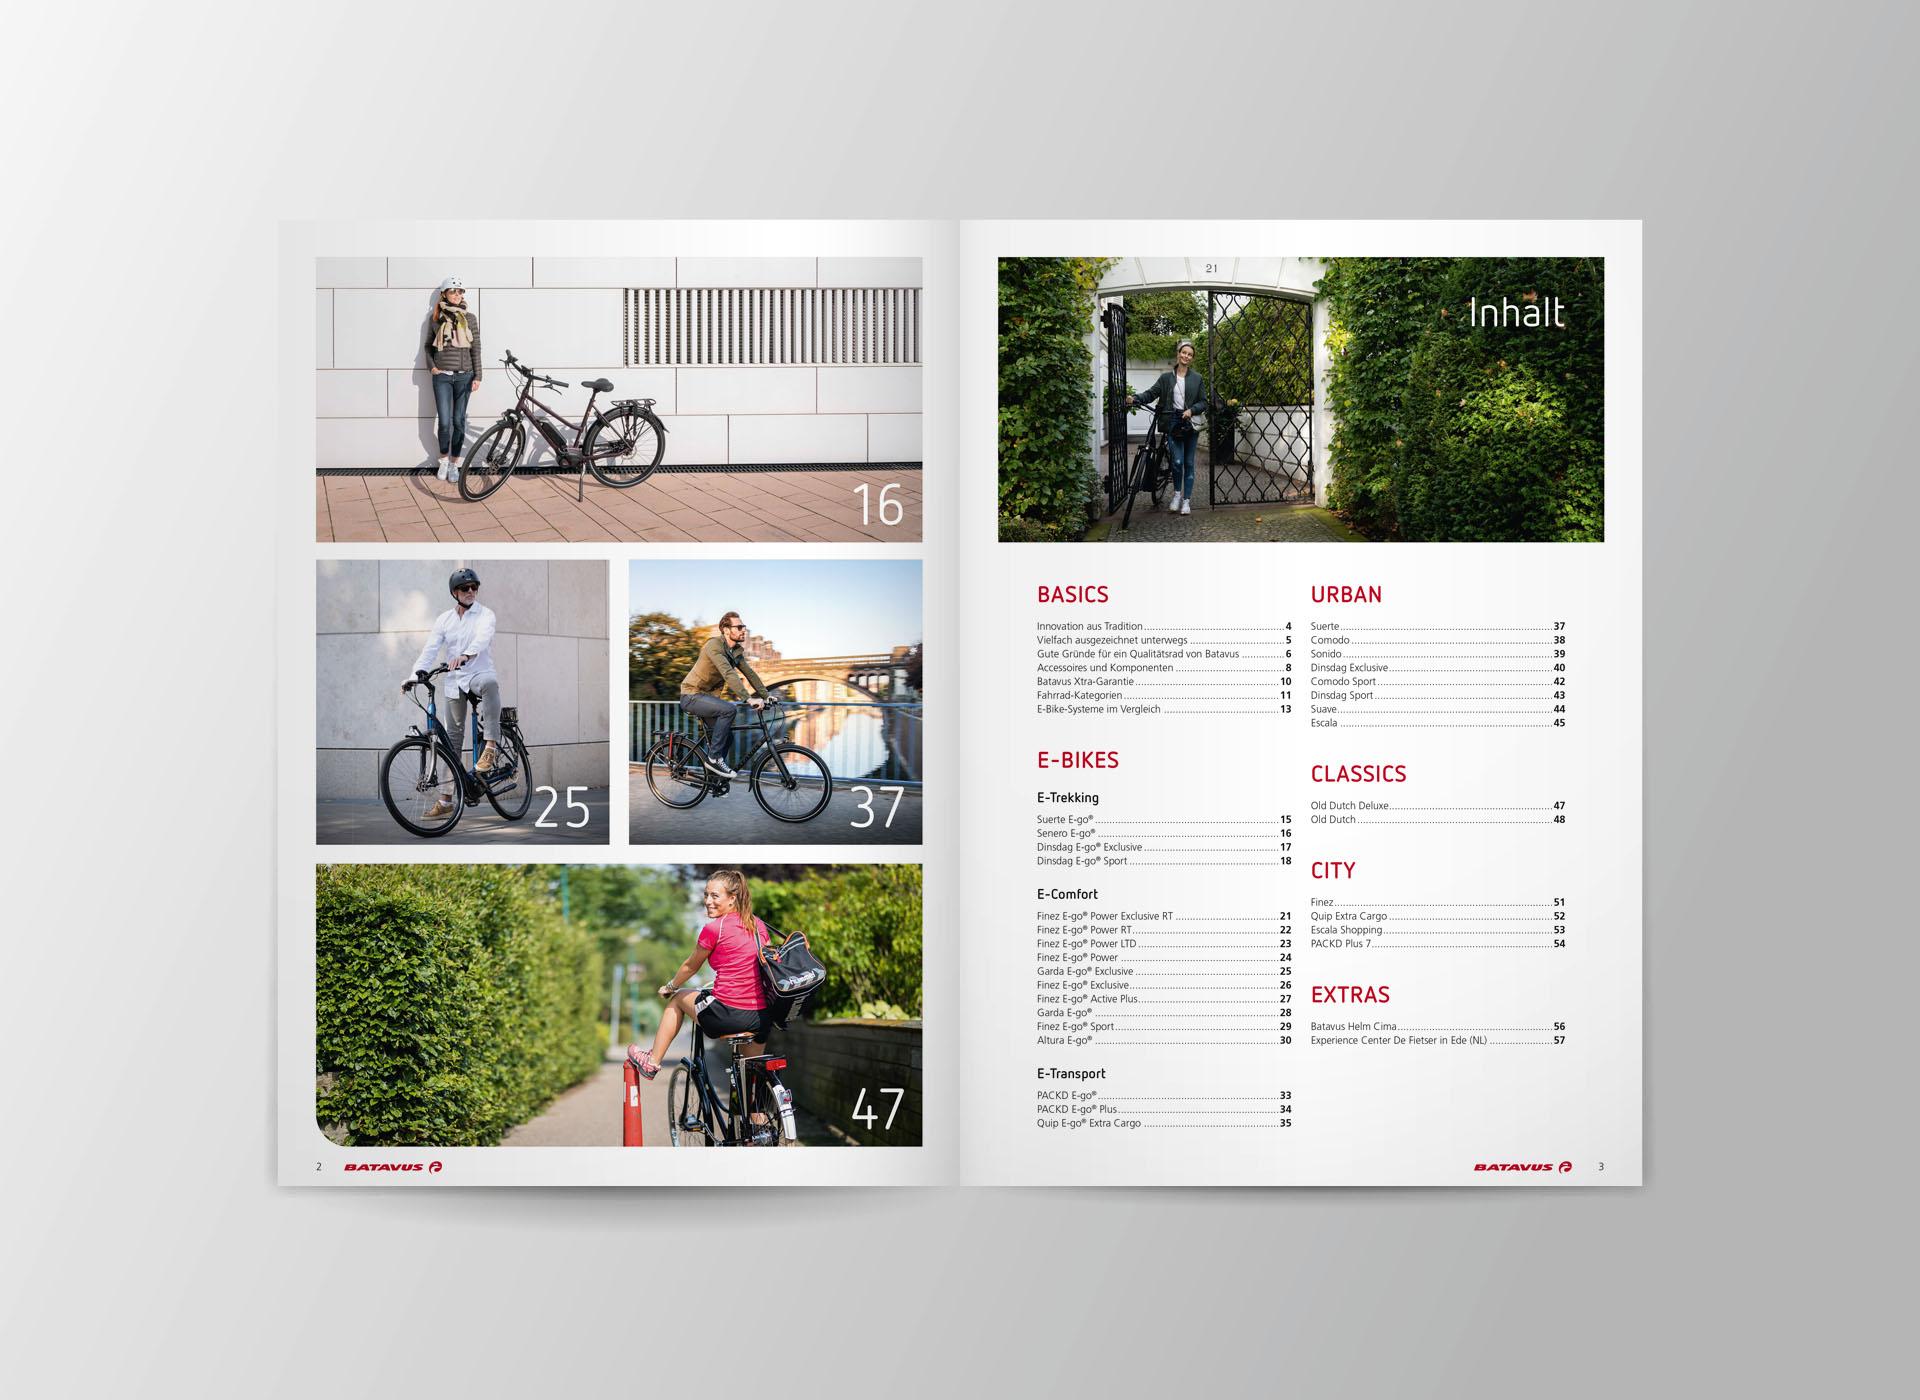 batavus produktkatalog 2021 02 - Fachlich fest im Sattel: Der Batavus Produktkatalog 2021 – Corporate Design, Grafikdesign, Kommunikationsdesign, Branding, Markenentwicklung, Editorial Design